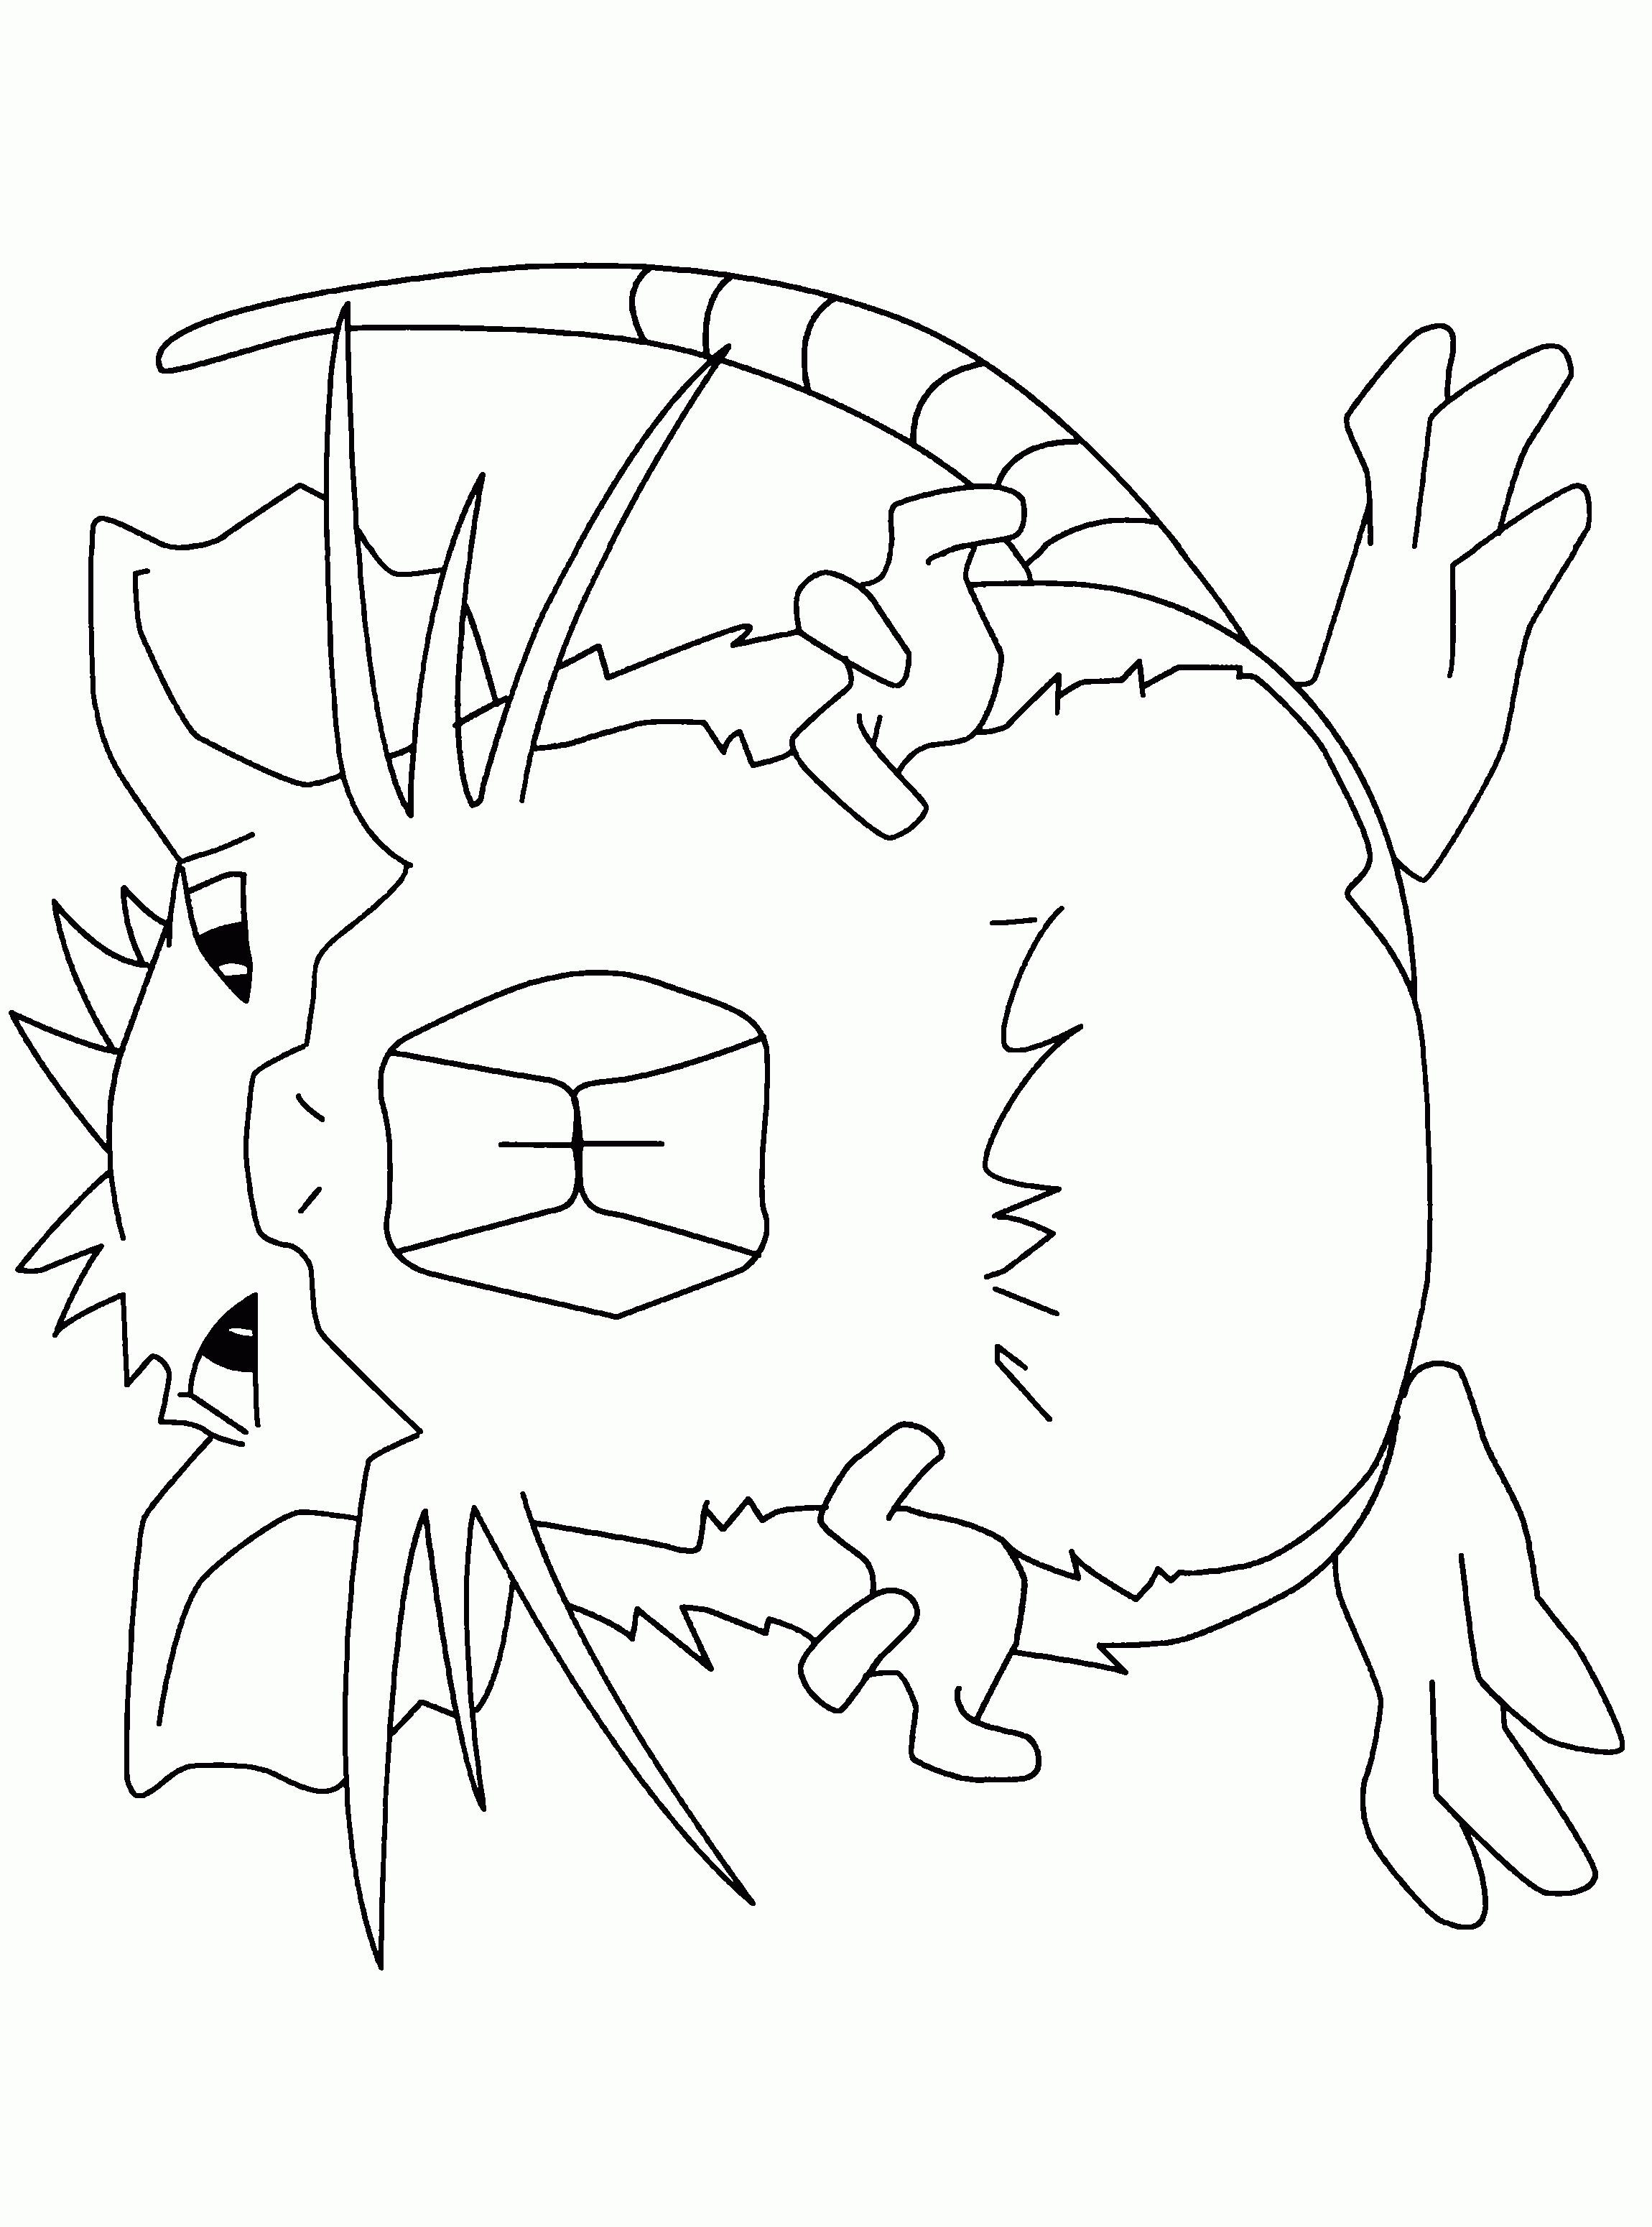 Ausmalbilder Pokemon Lucario Genial Malvorlagen Malvorlagen Pokemon Galerie